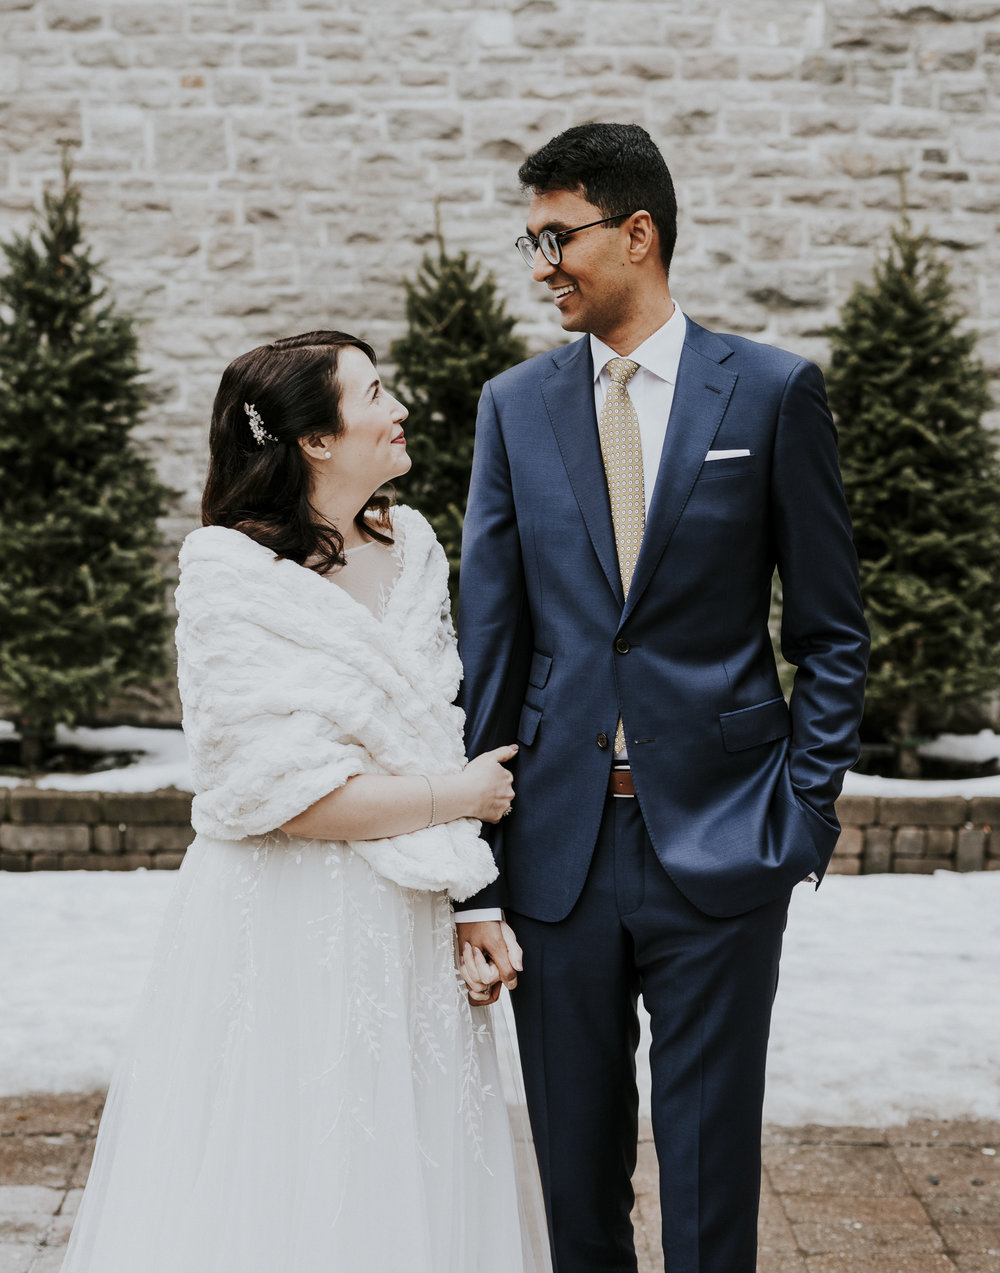 Bride + Groom Portraits-012.jpg